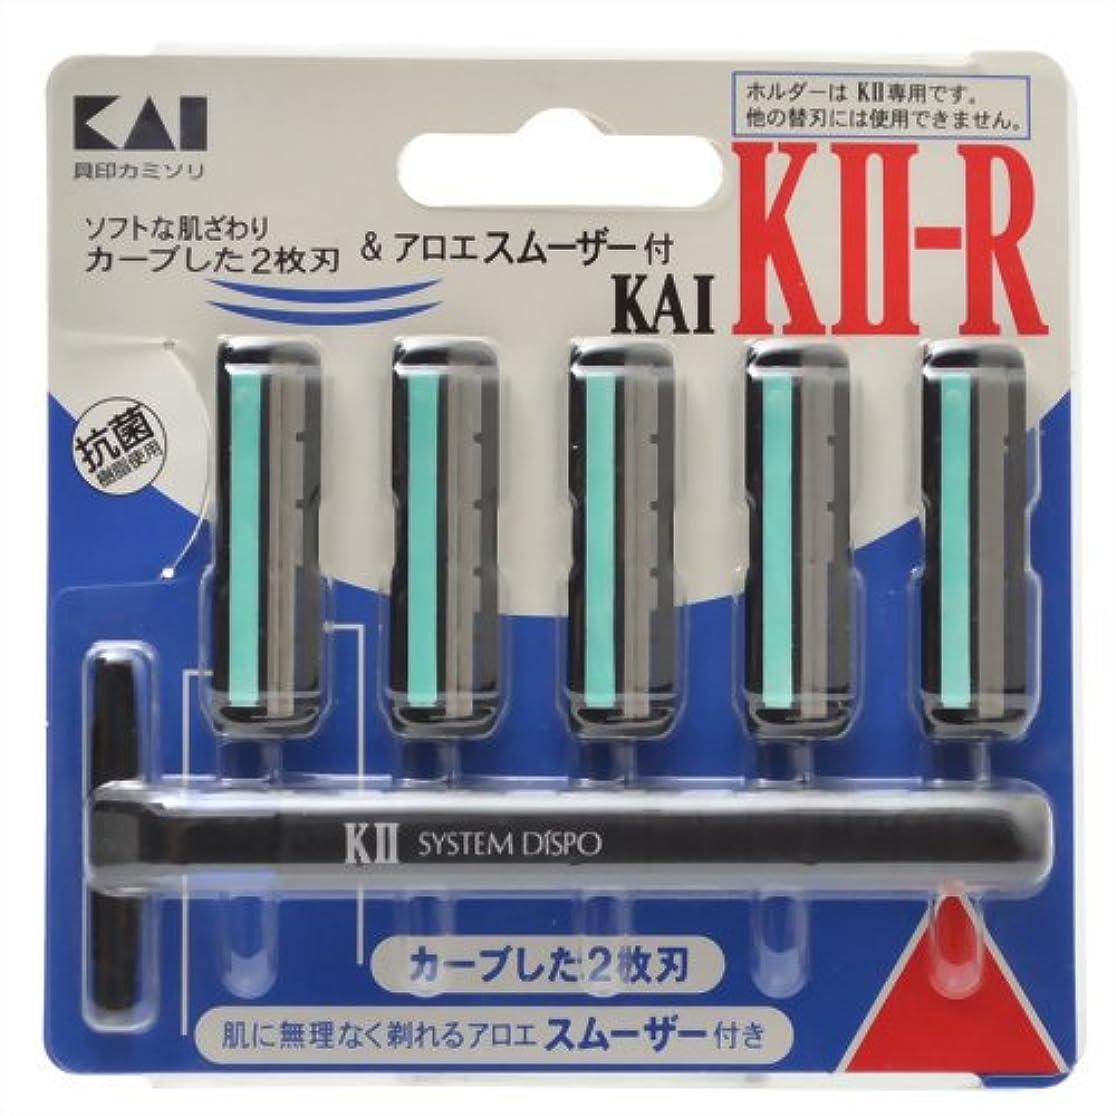 強制的スポット悩み貝印 KAI KII-R ひげそり用カミソリ アロエスムーザー付